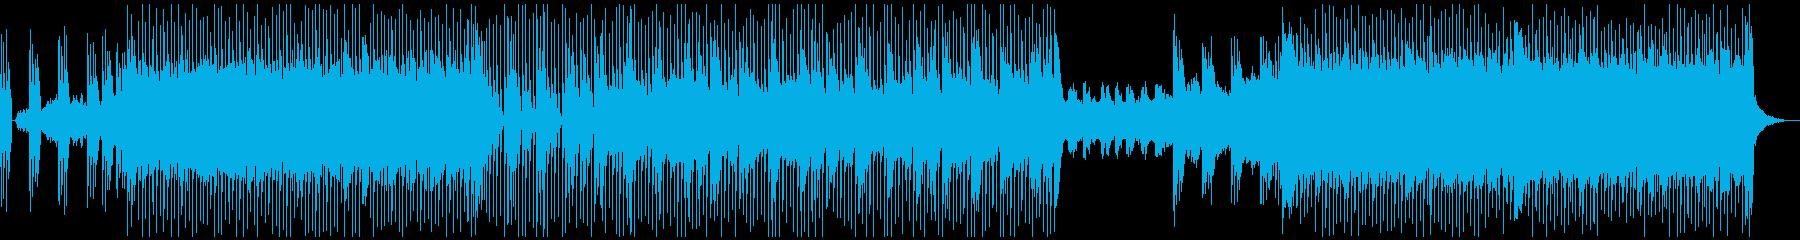 シンセサイザーメインのレトロなBGMですの再生済みの波形